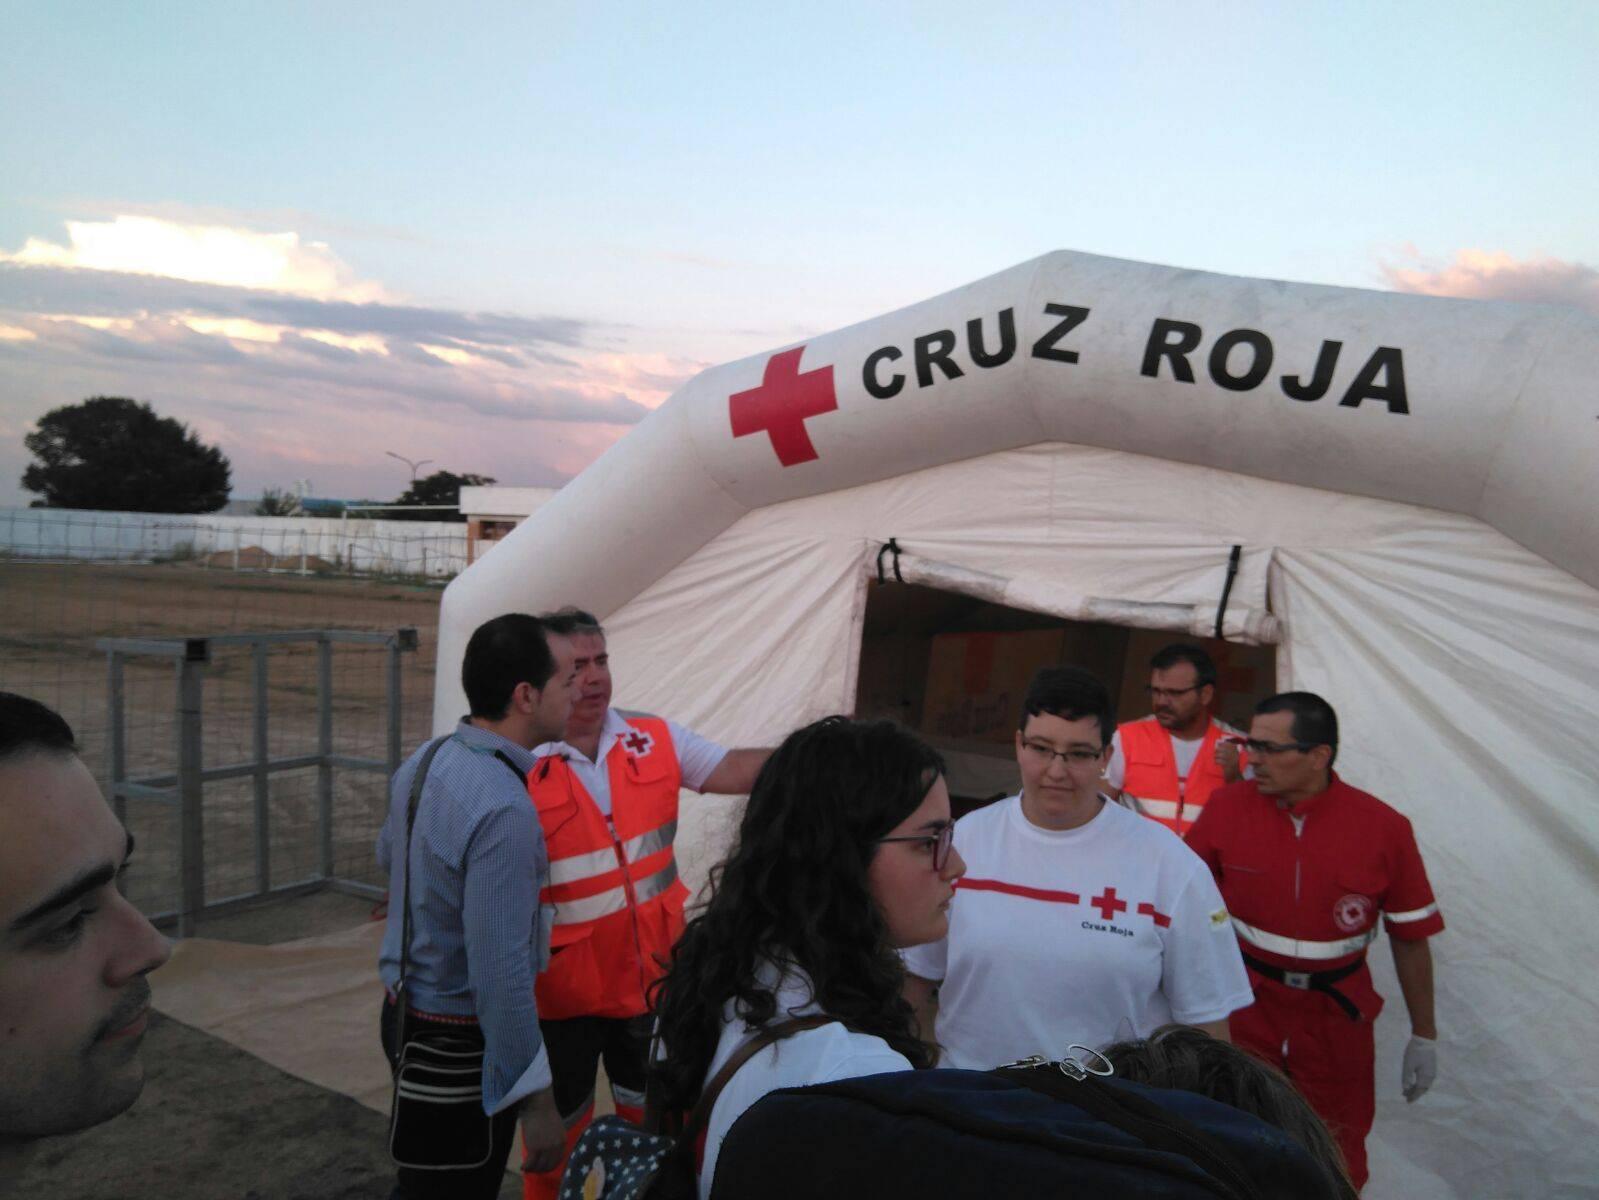 cruz roja melendi herencia - Cientos de personas disfrutan del concierto de Melendi en Herencia